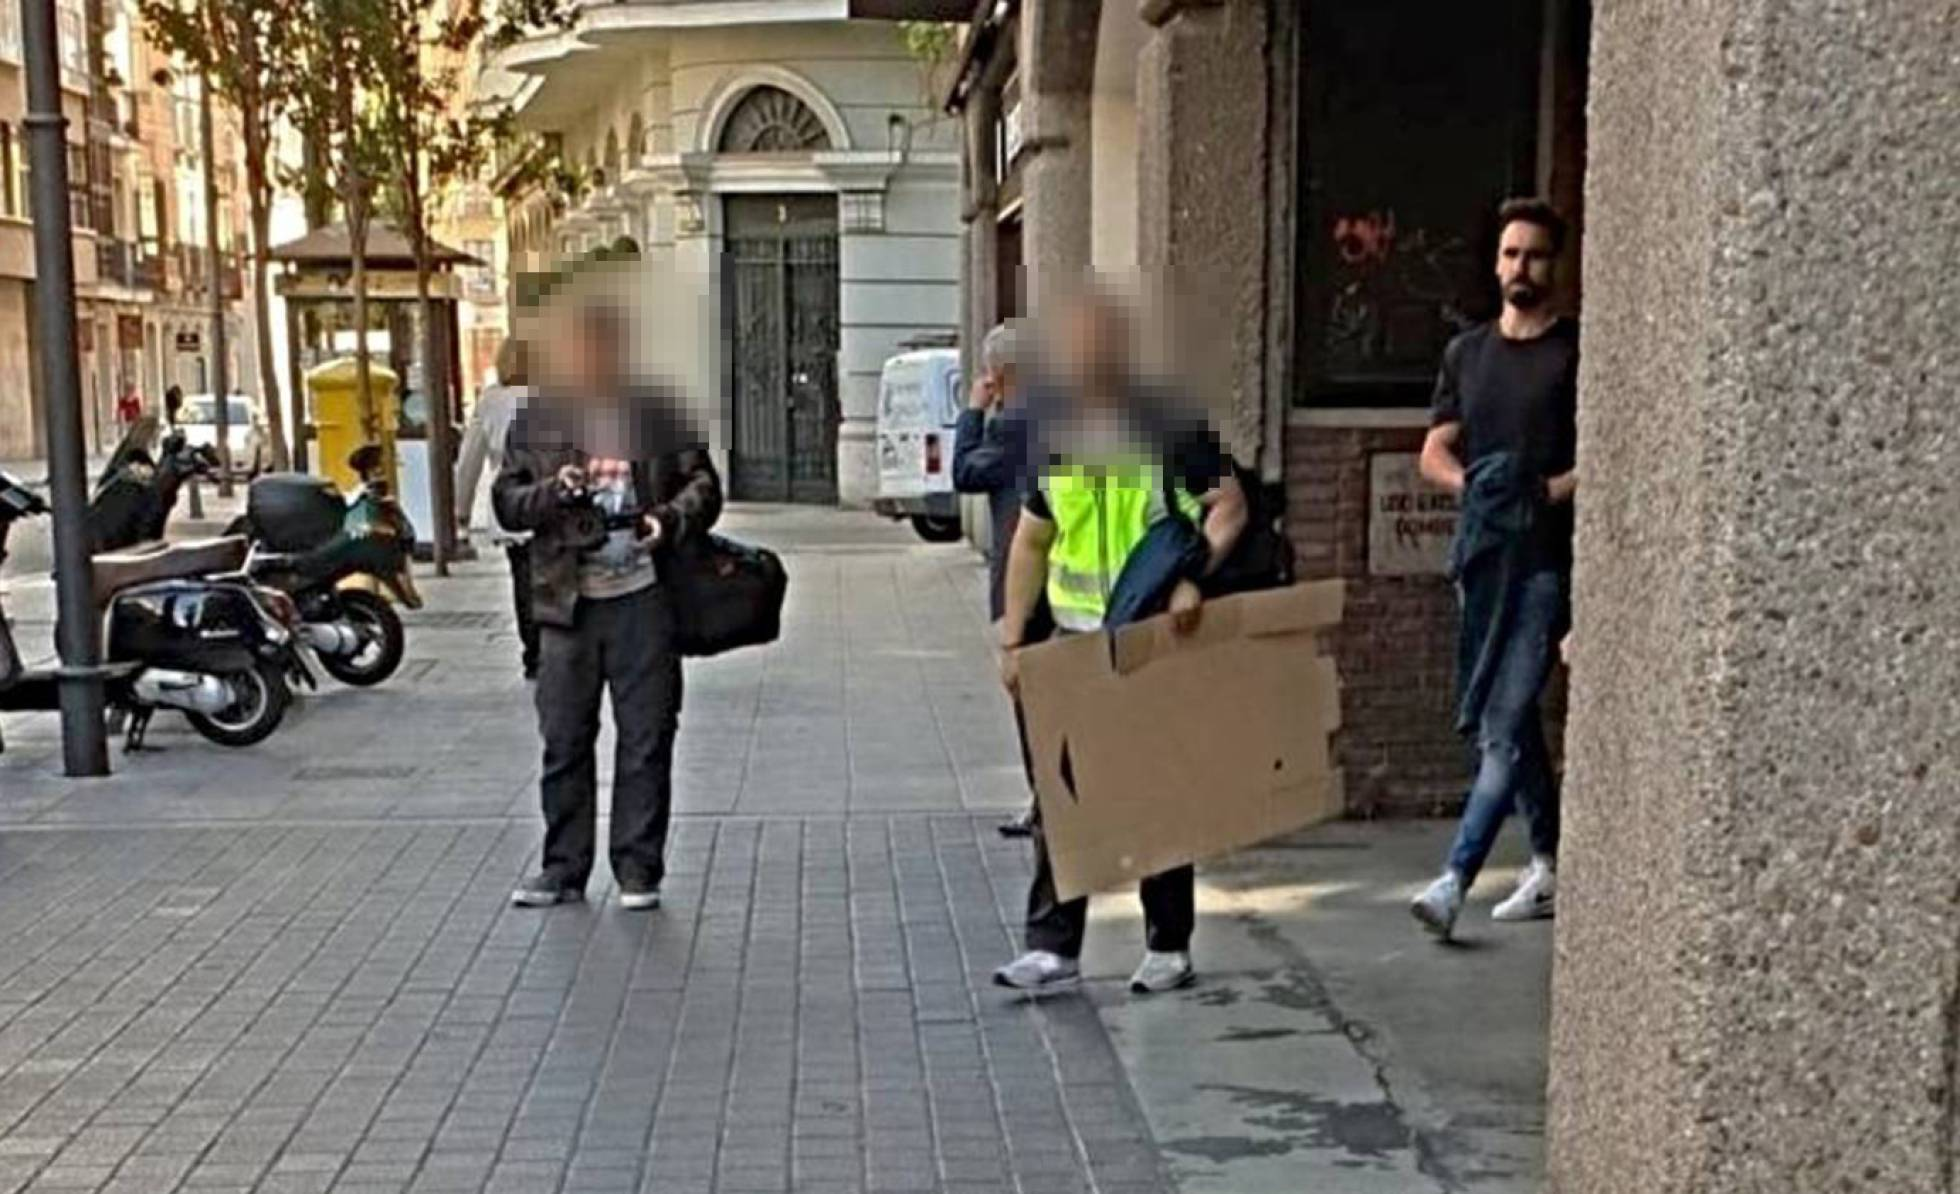 Escándalo en España: detienen a 11 jugadores por arreglar partidos